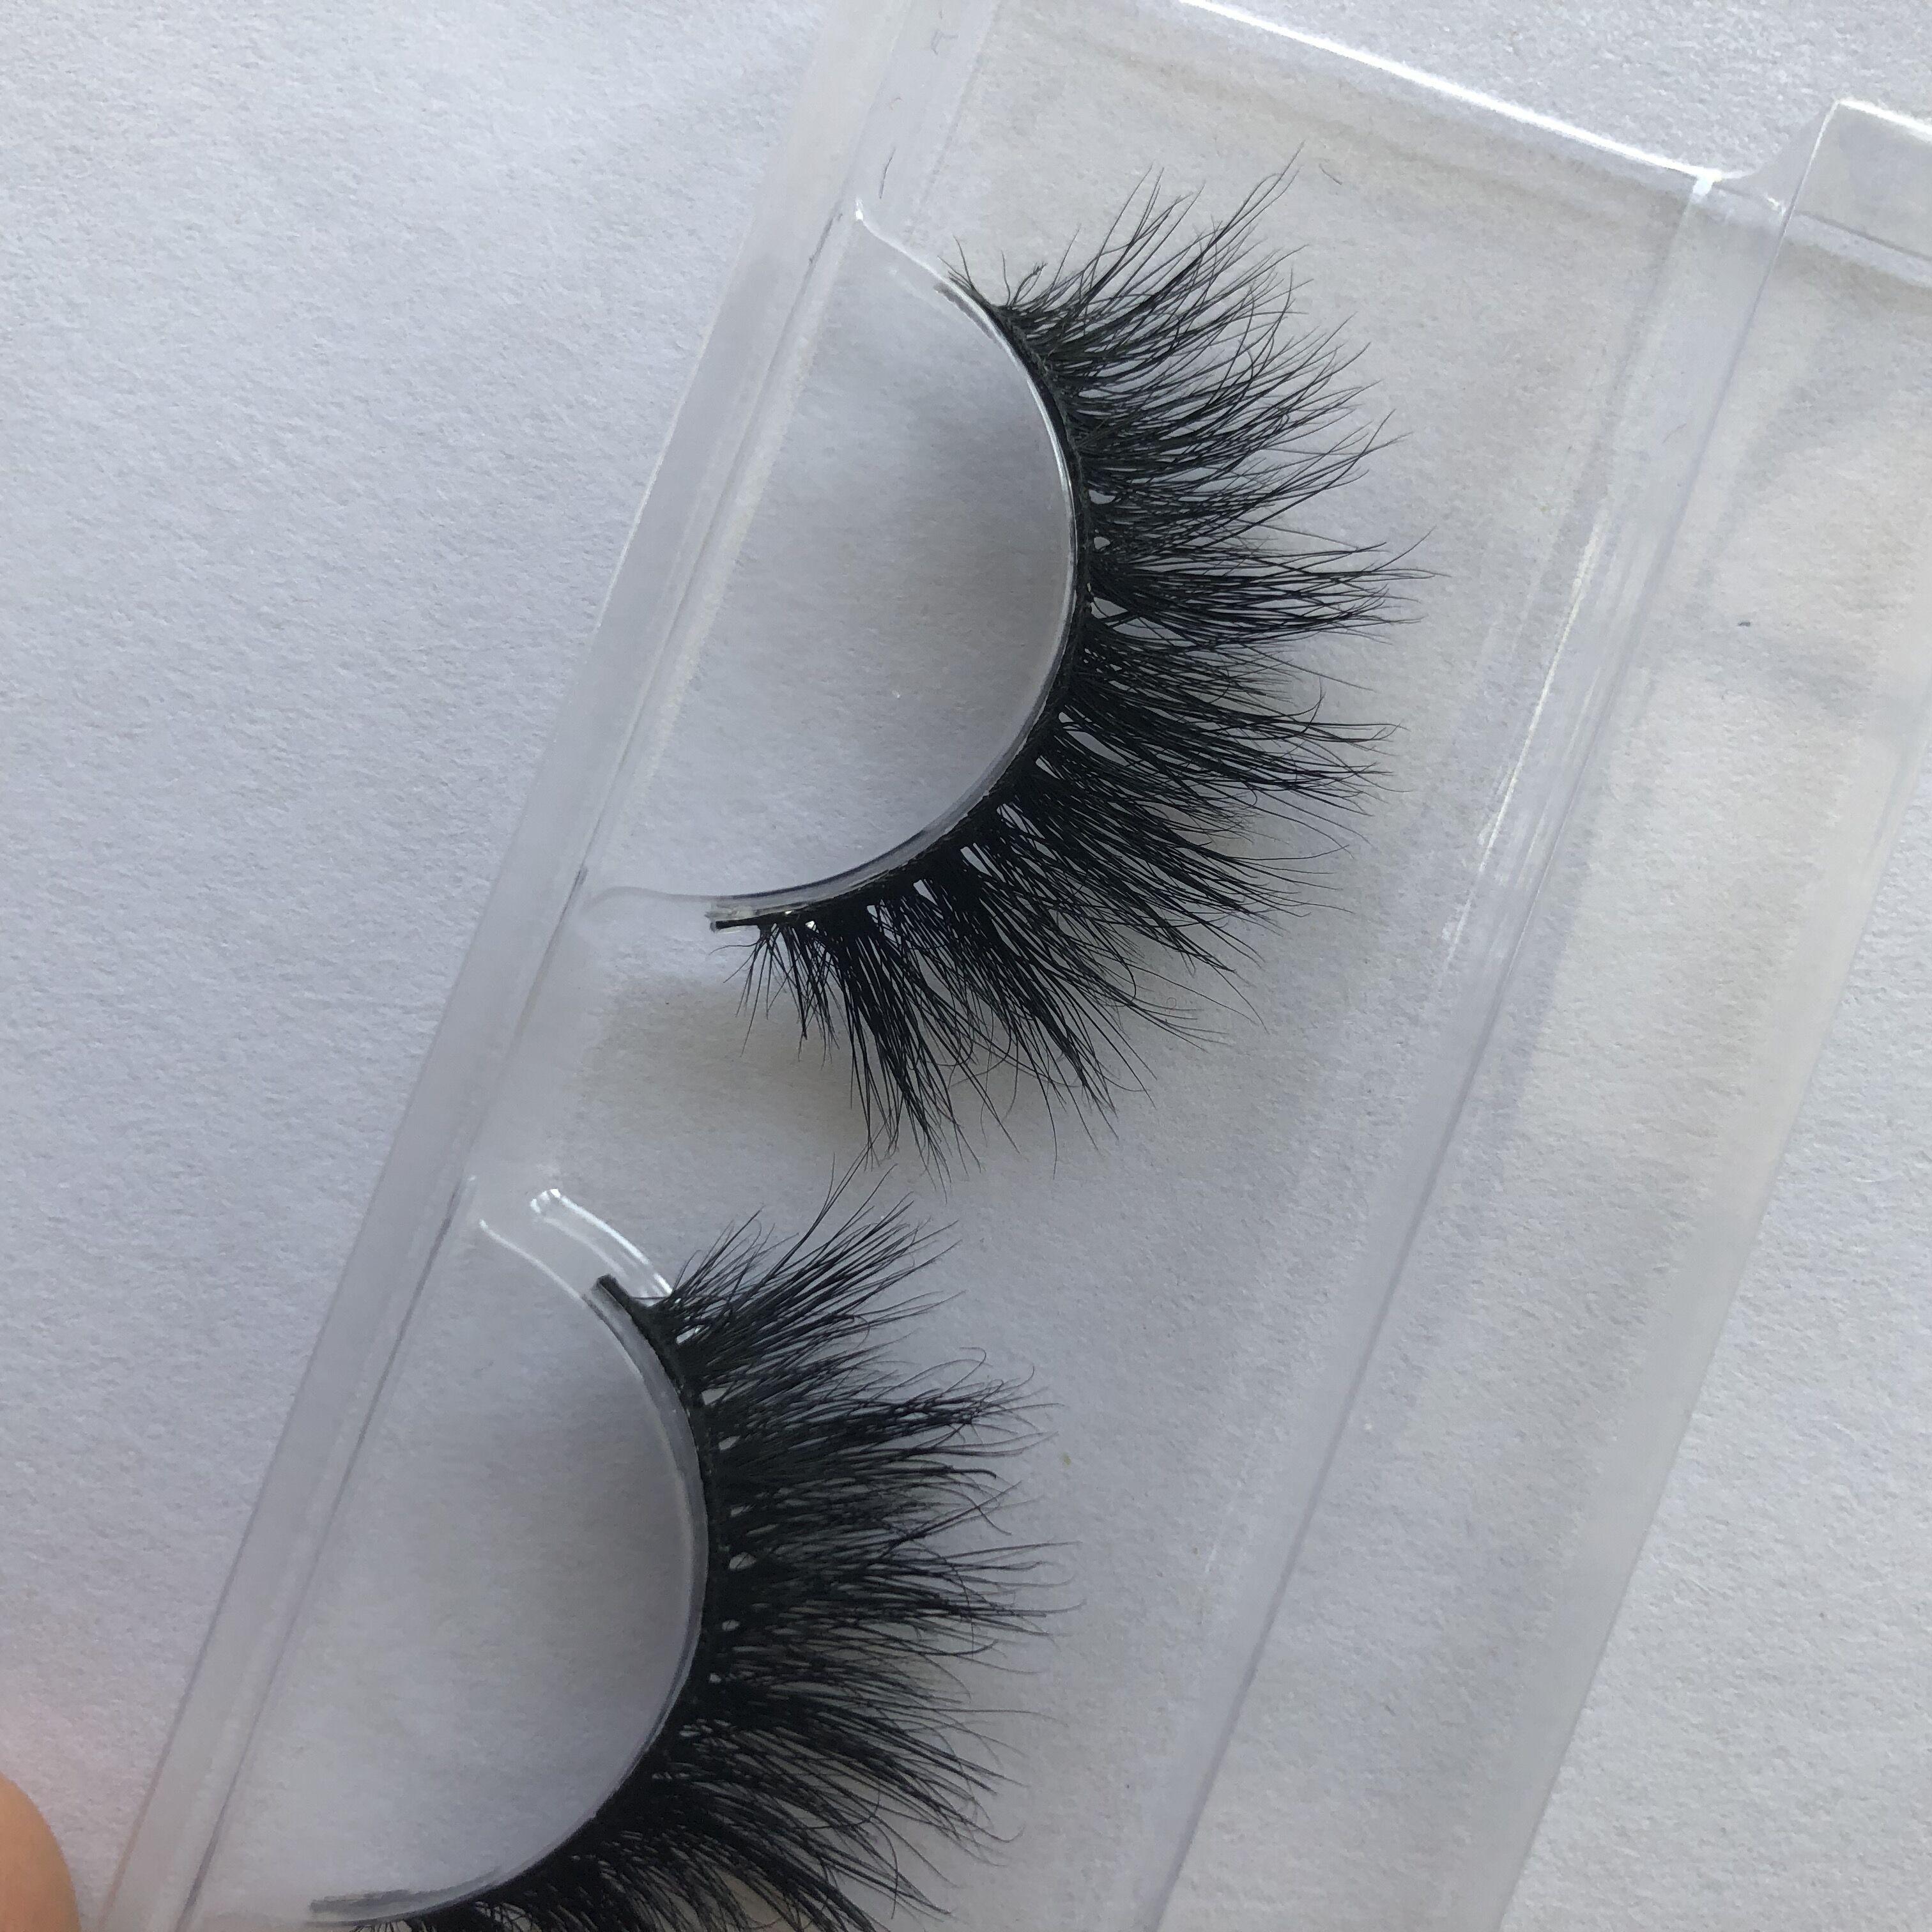 100% handgemachte 3D Nerz chaotisch 13mm natürlich aussehende falsche Wimpern Winged gefälschte Augen Make-up Verlängerung Wimpern Streifen M186